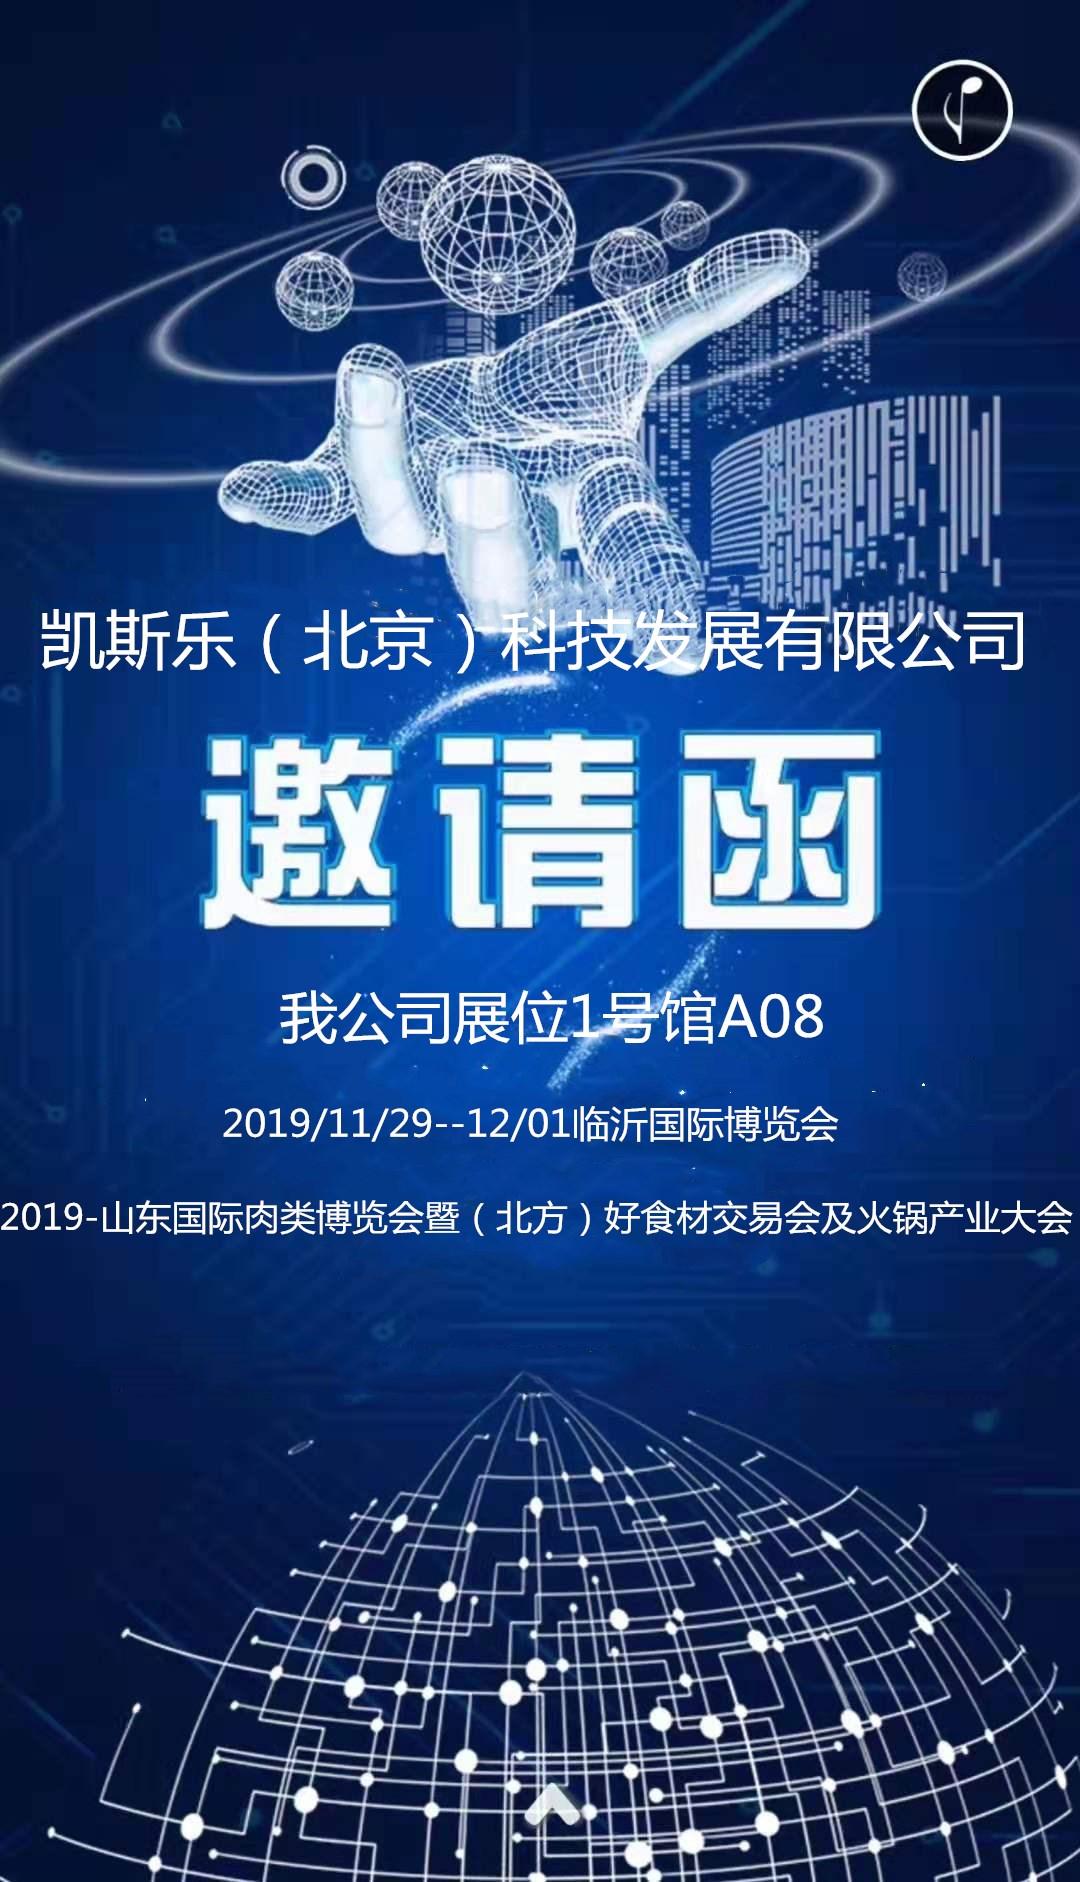 2019-山東國際肉類博覽會暨(北方)好食材交易會及火鍋產業大會